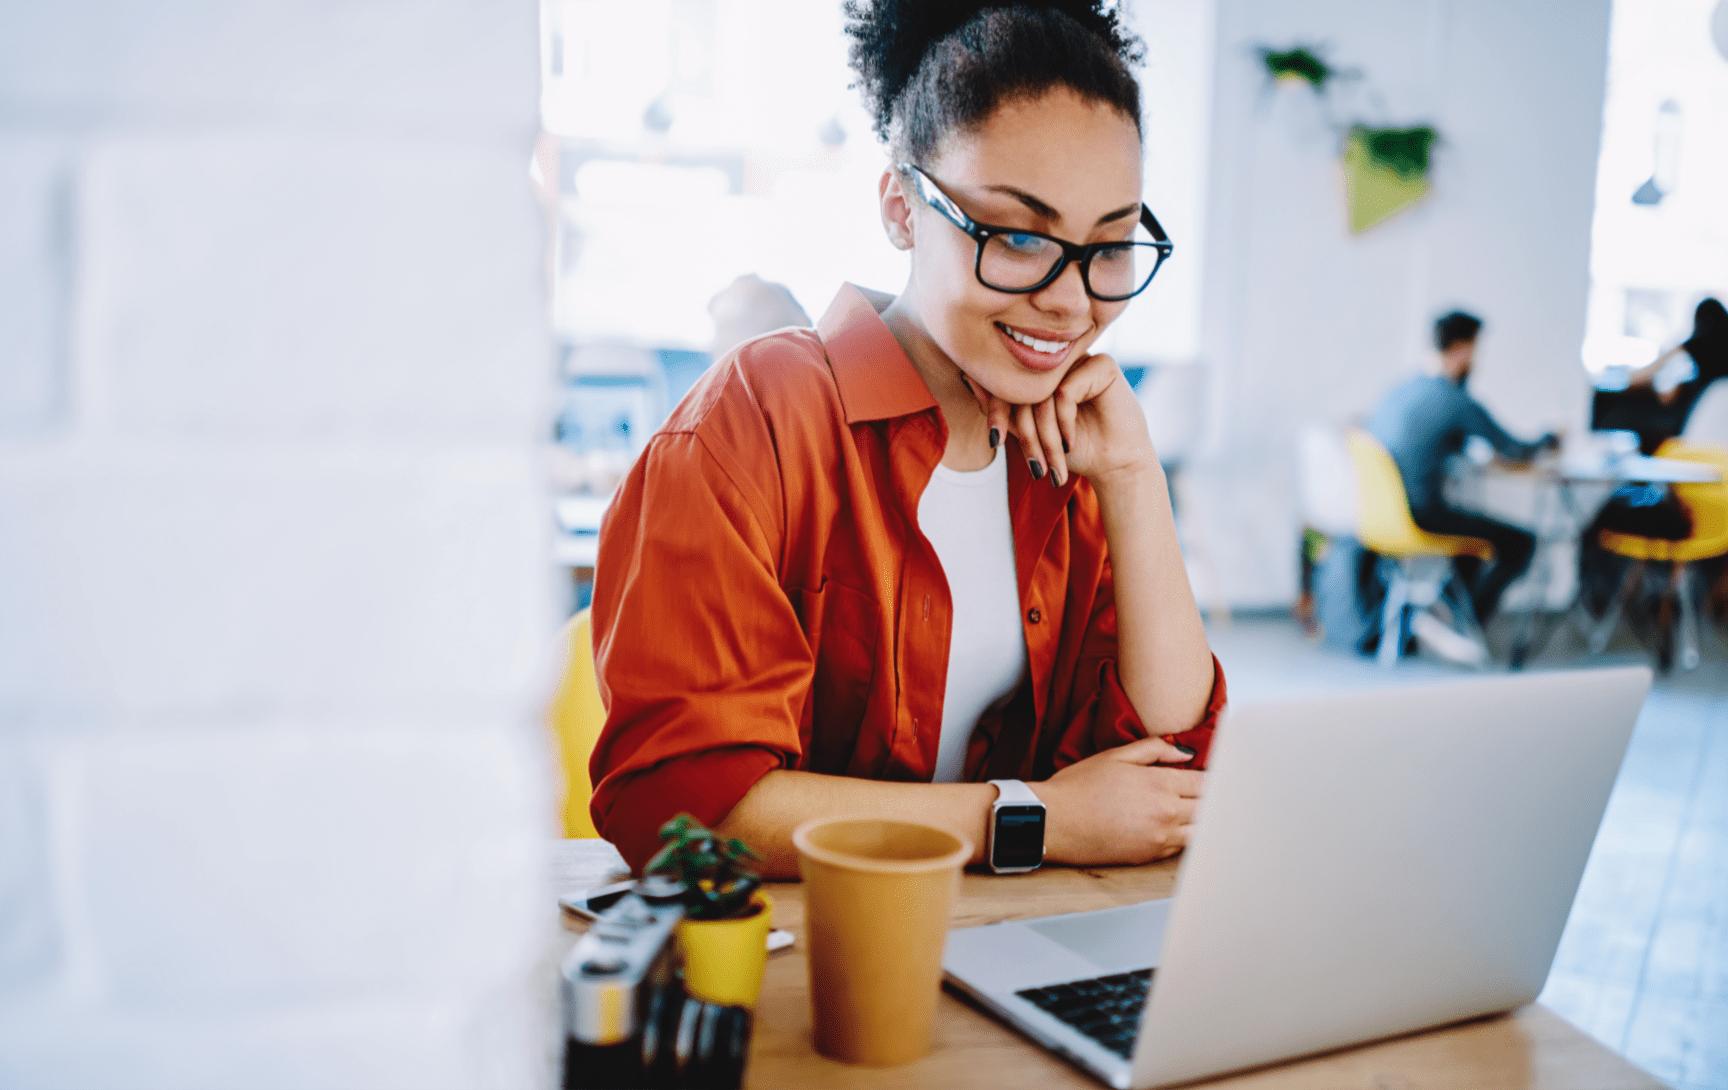 Woman at laptop smiling